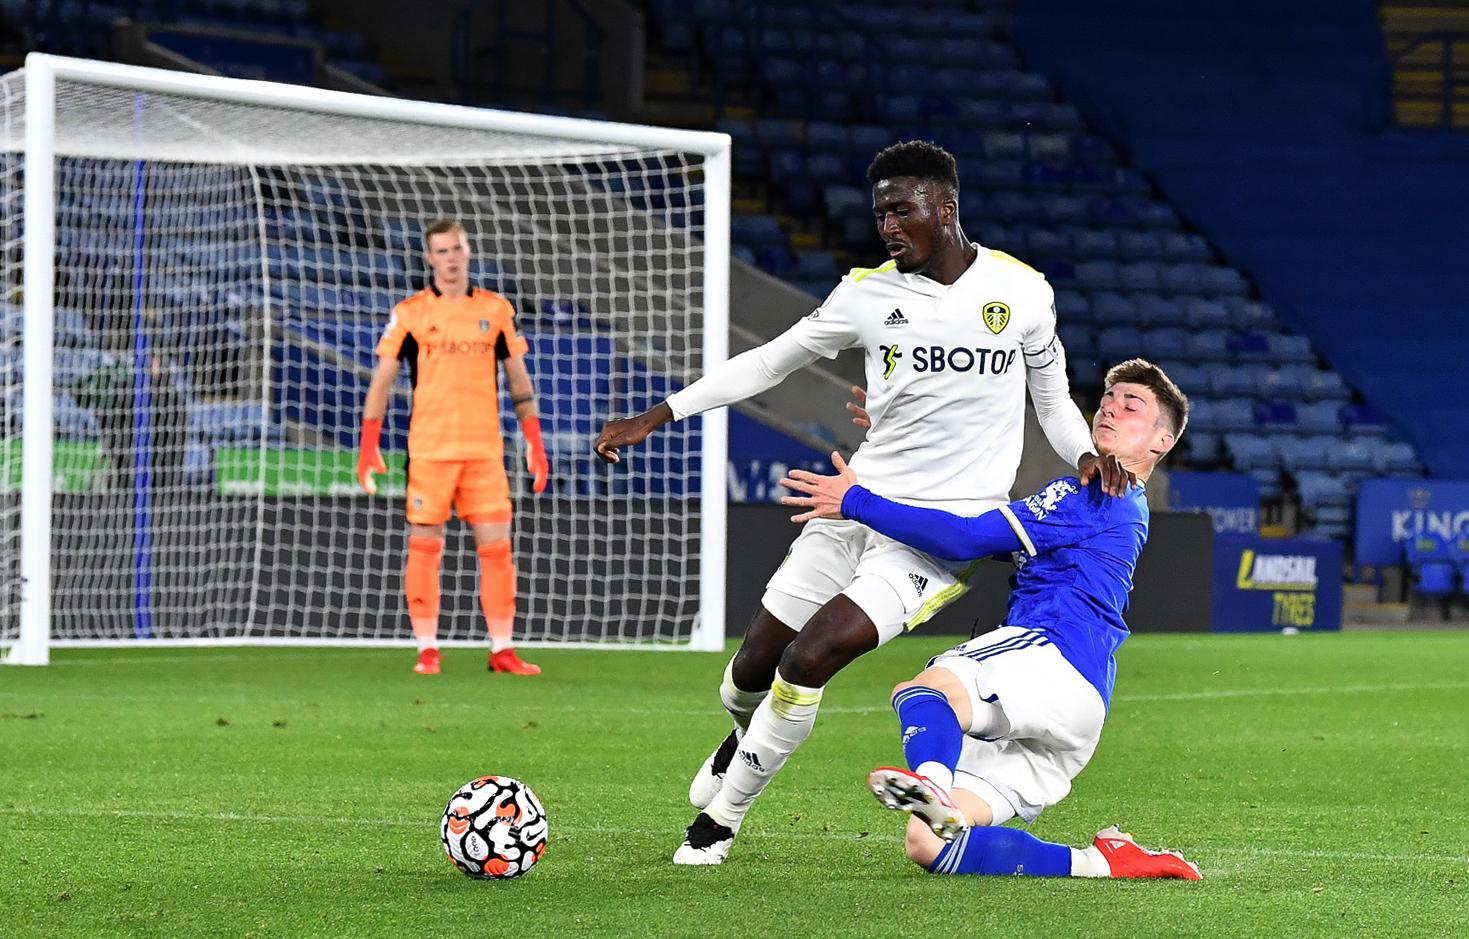 Leicester City v Leeds United - Premier League 2